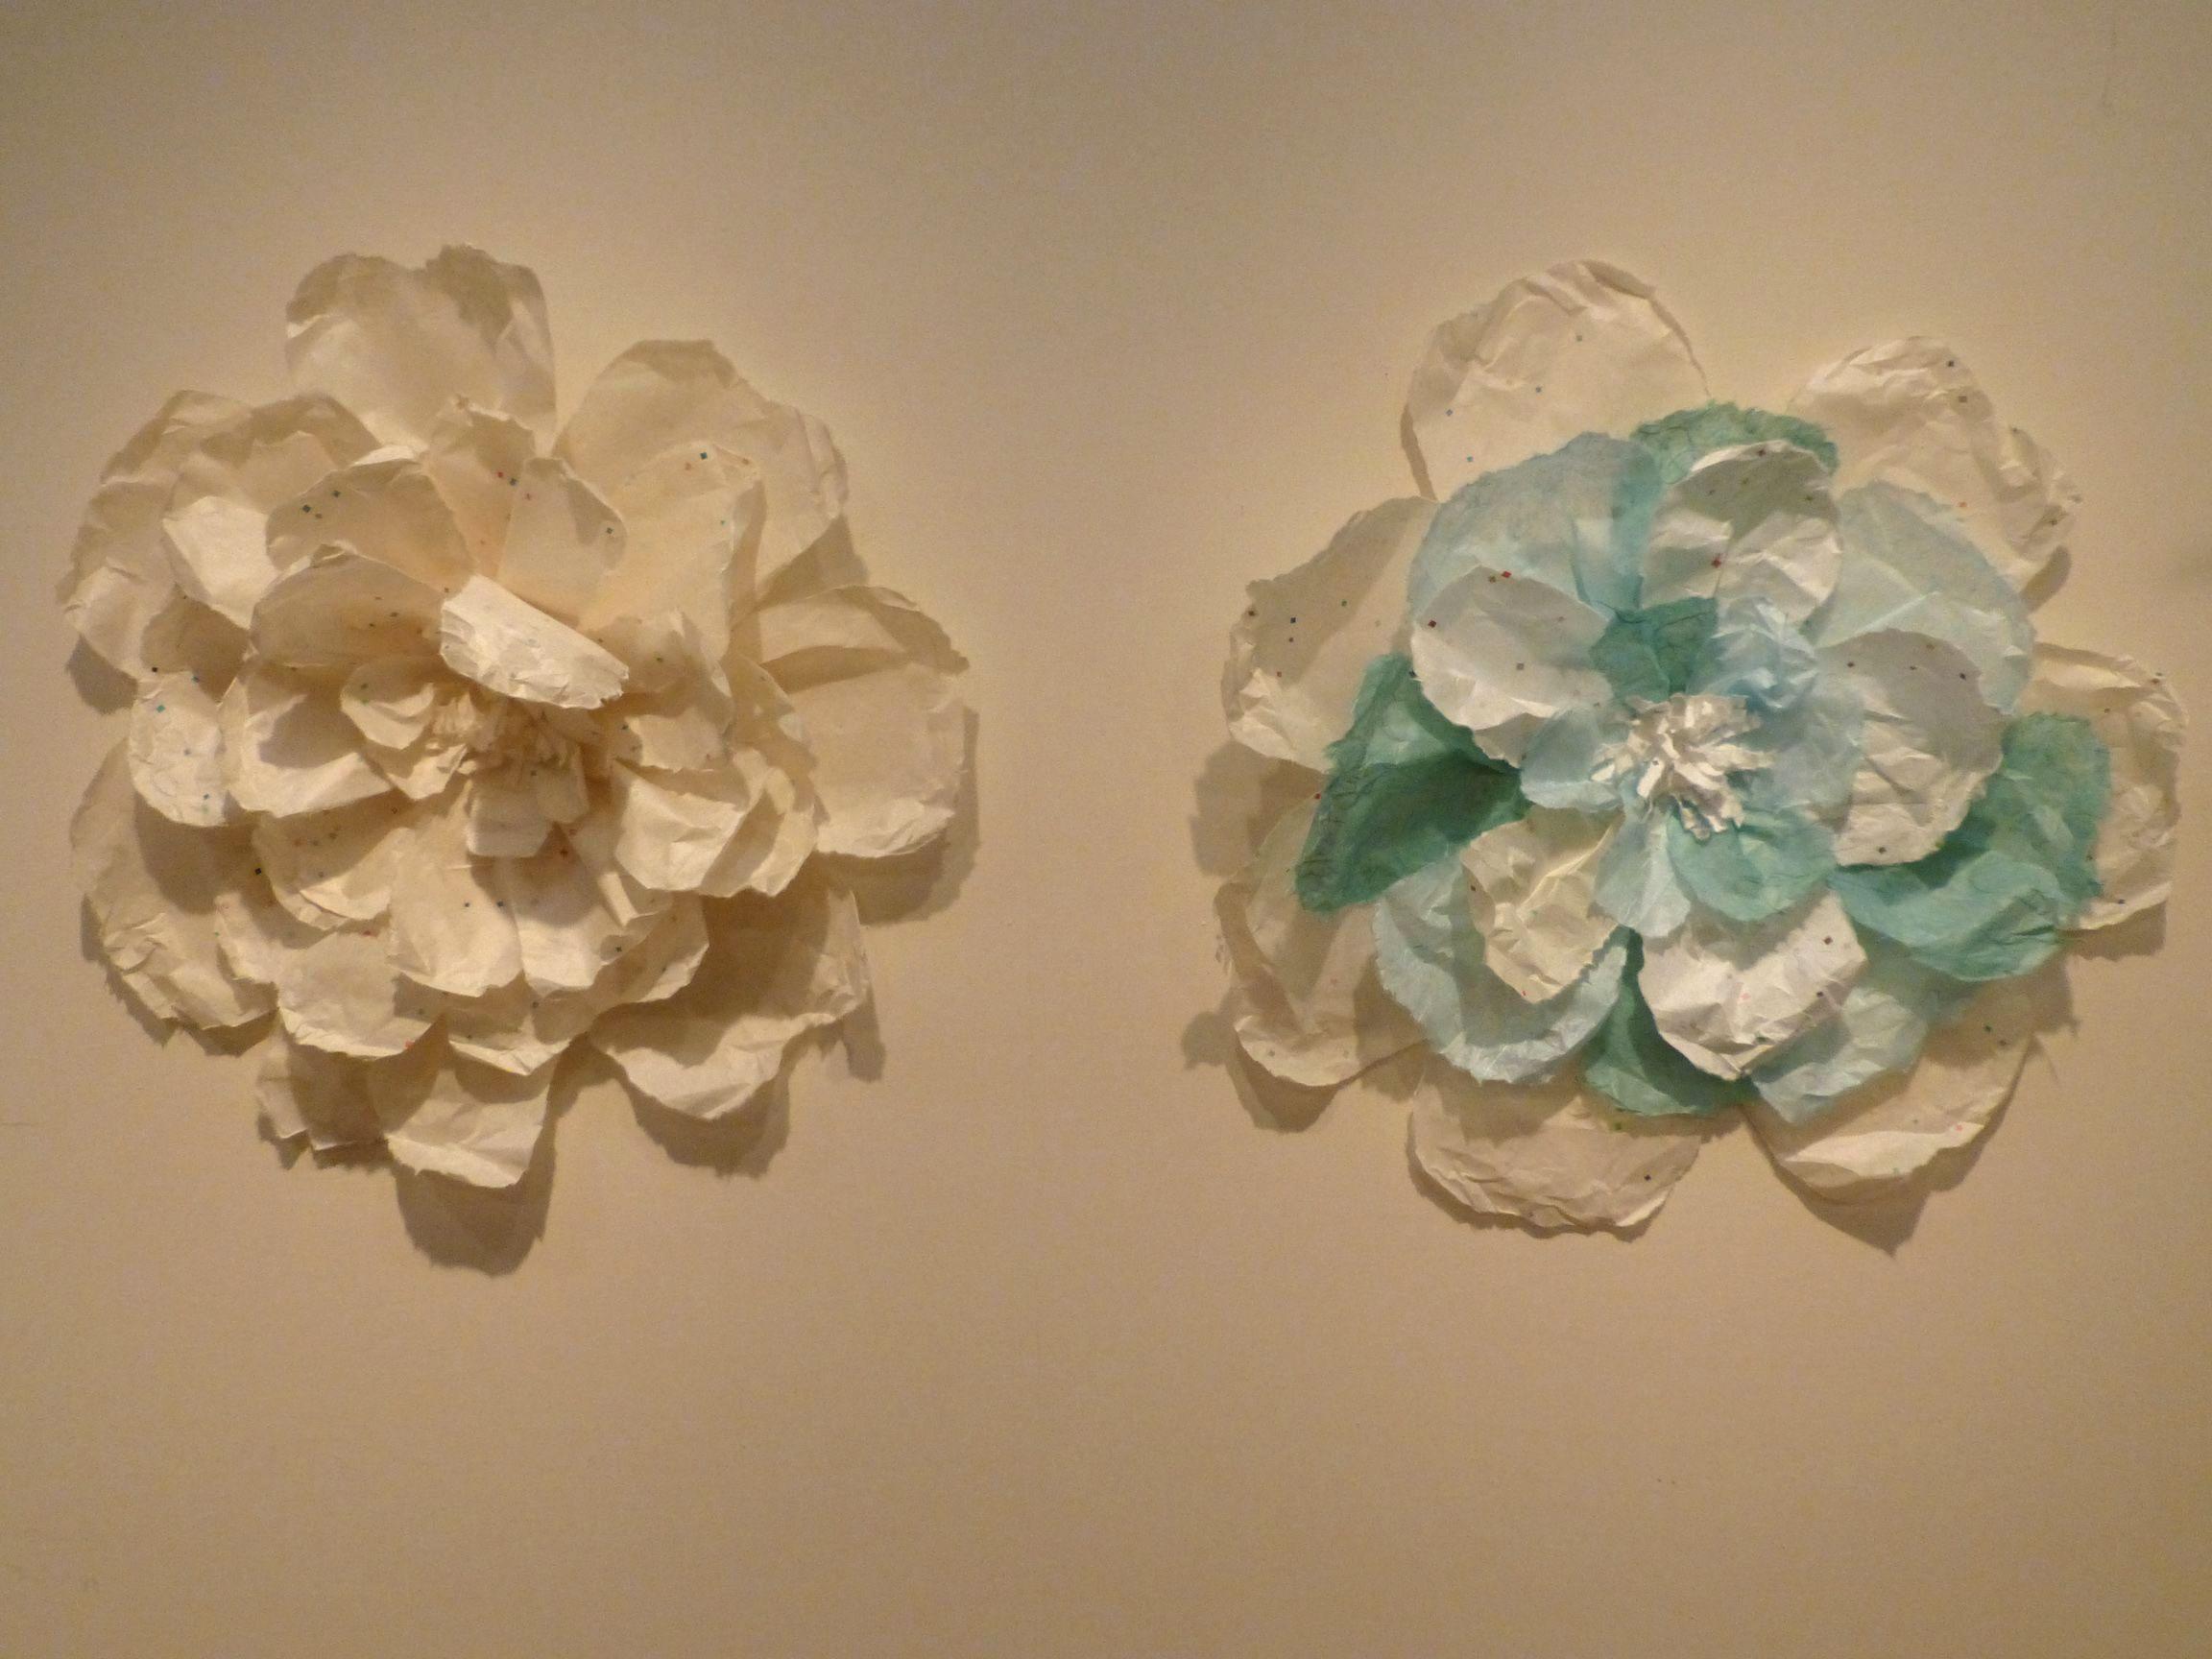 花 千葉すずさんの「石州和紙デザインコンペ」特別出品作品 作品名:花 (石... 千葉すずさんを